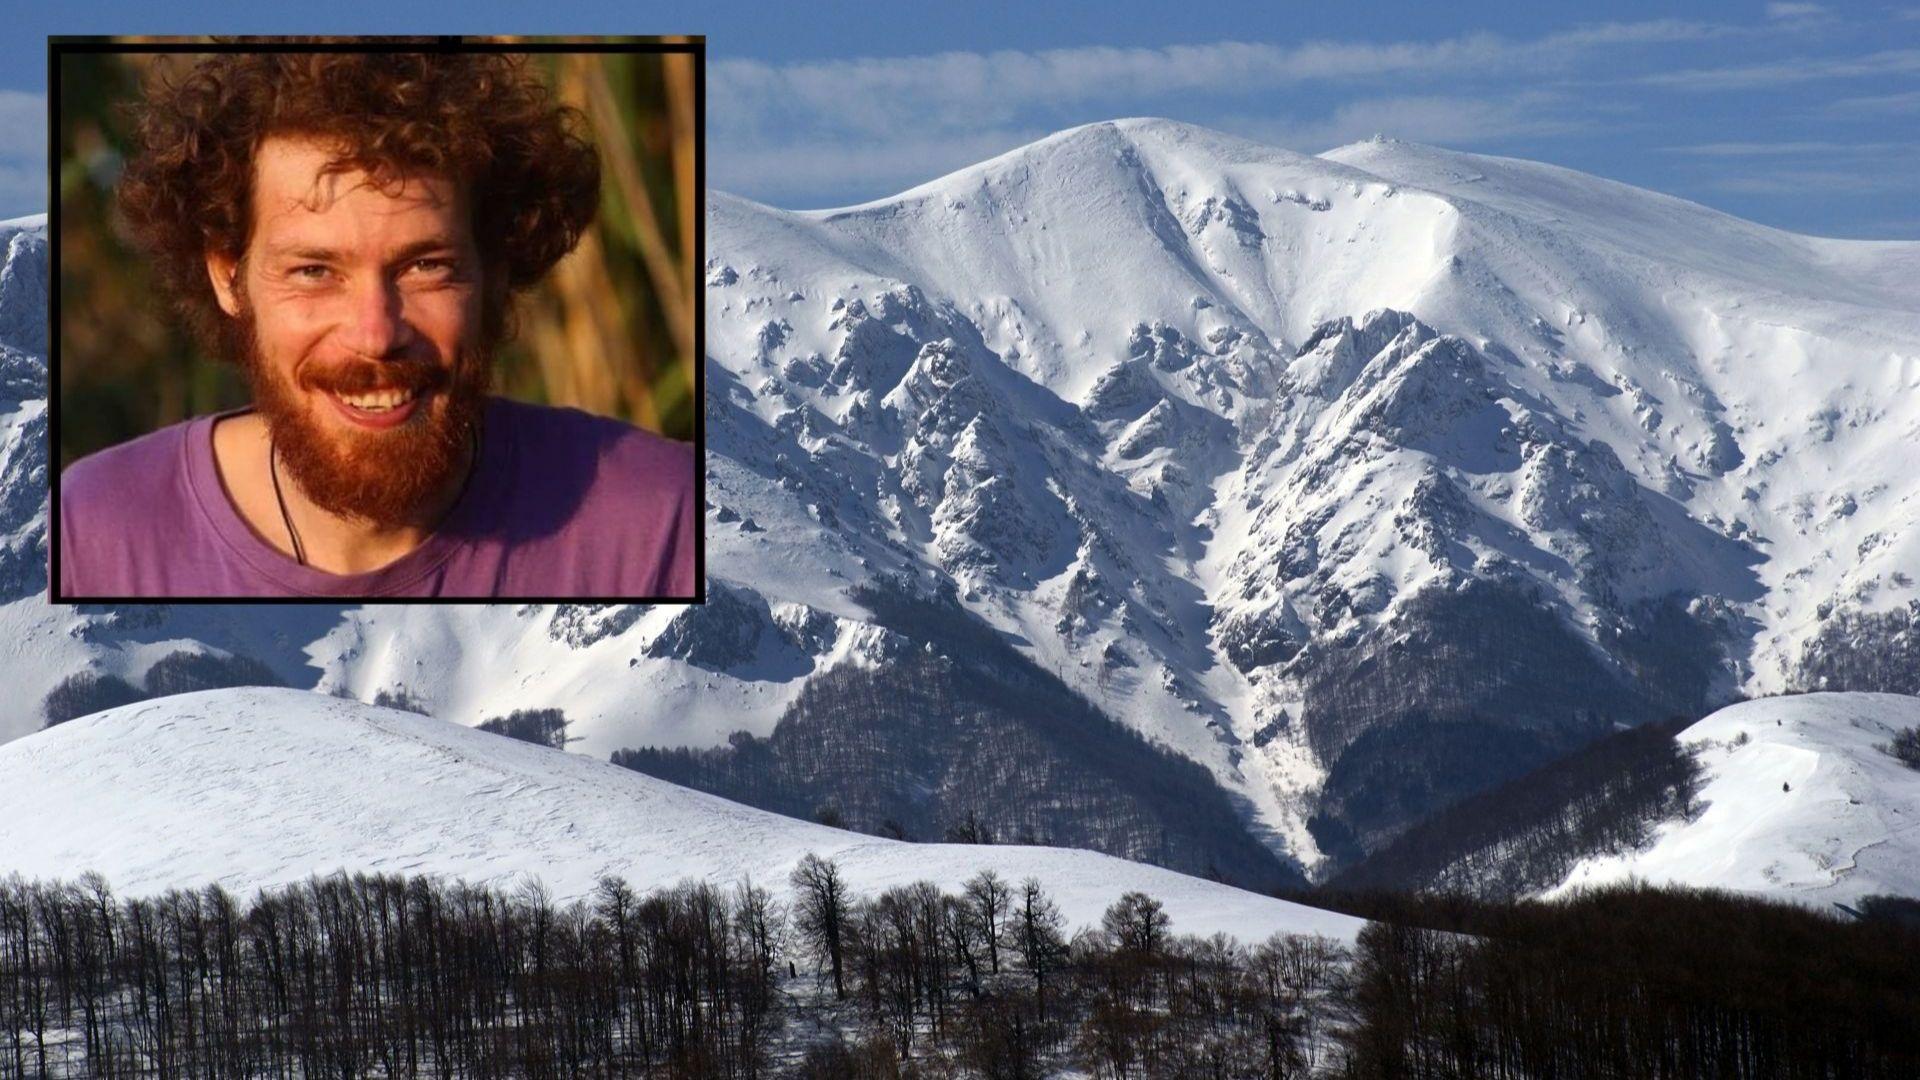 Издирваният в Стара планина турист, който бе открит мъртъв вчера